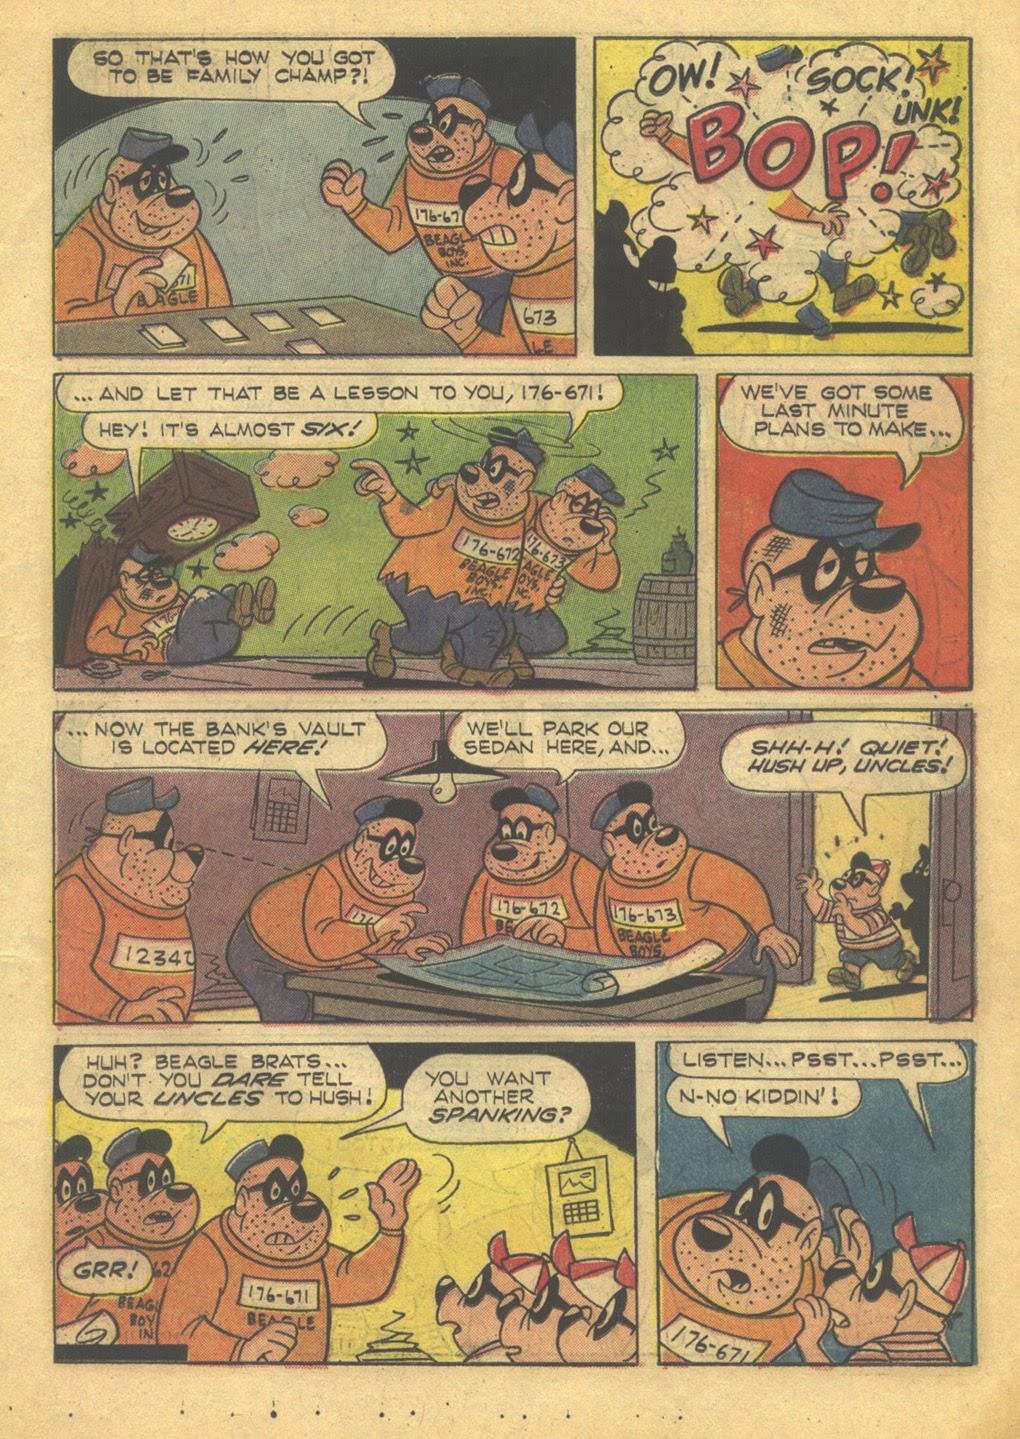 Walt Disney THE BEAGLE BOYS issue 7 - Page 15